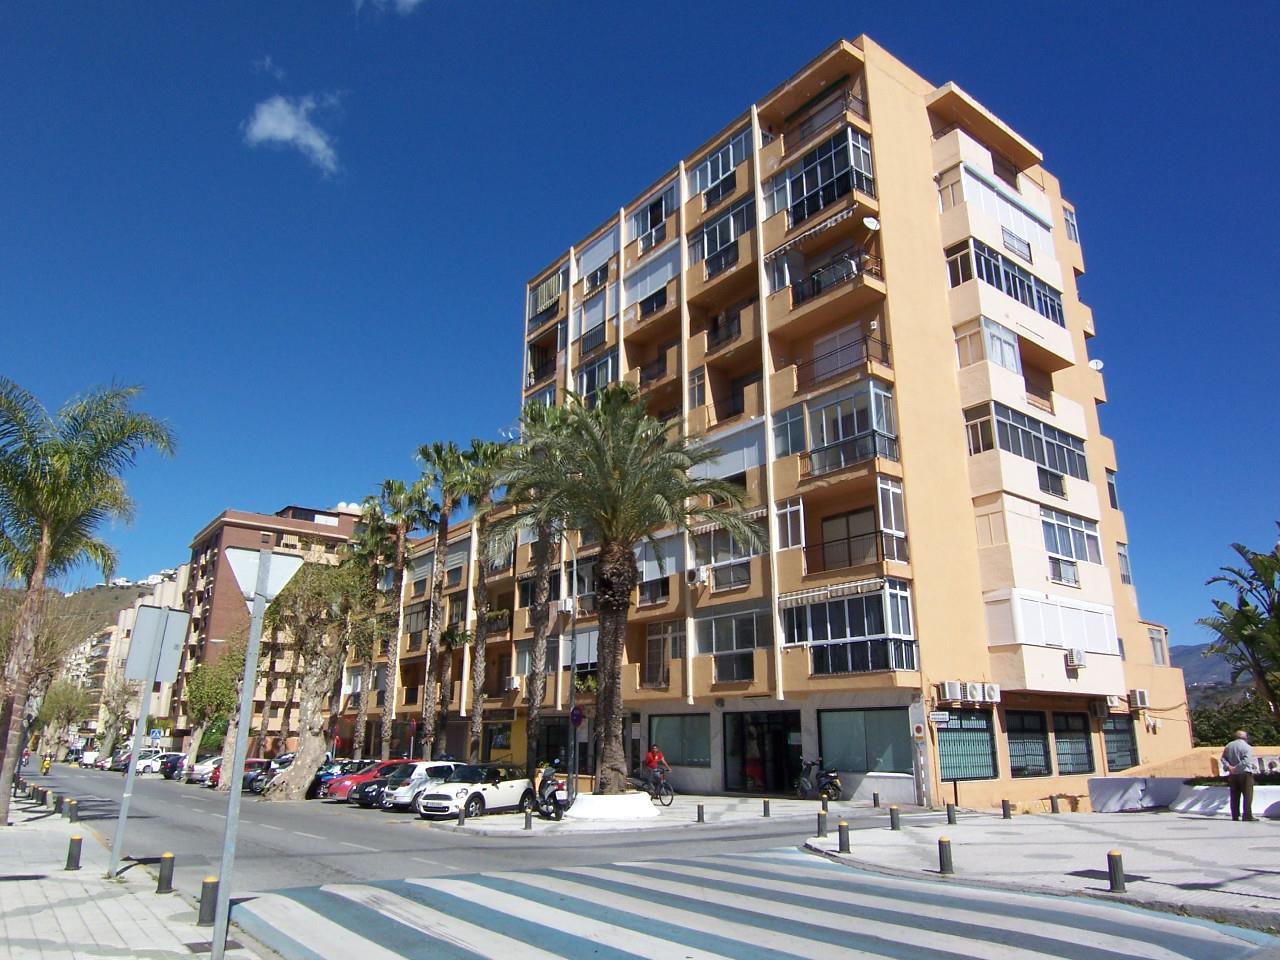 EN ALMUÑECAR AVENIDA COSTA DEL SOL, Granada